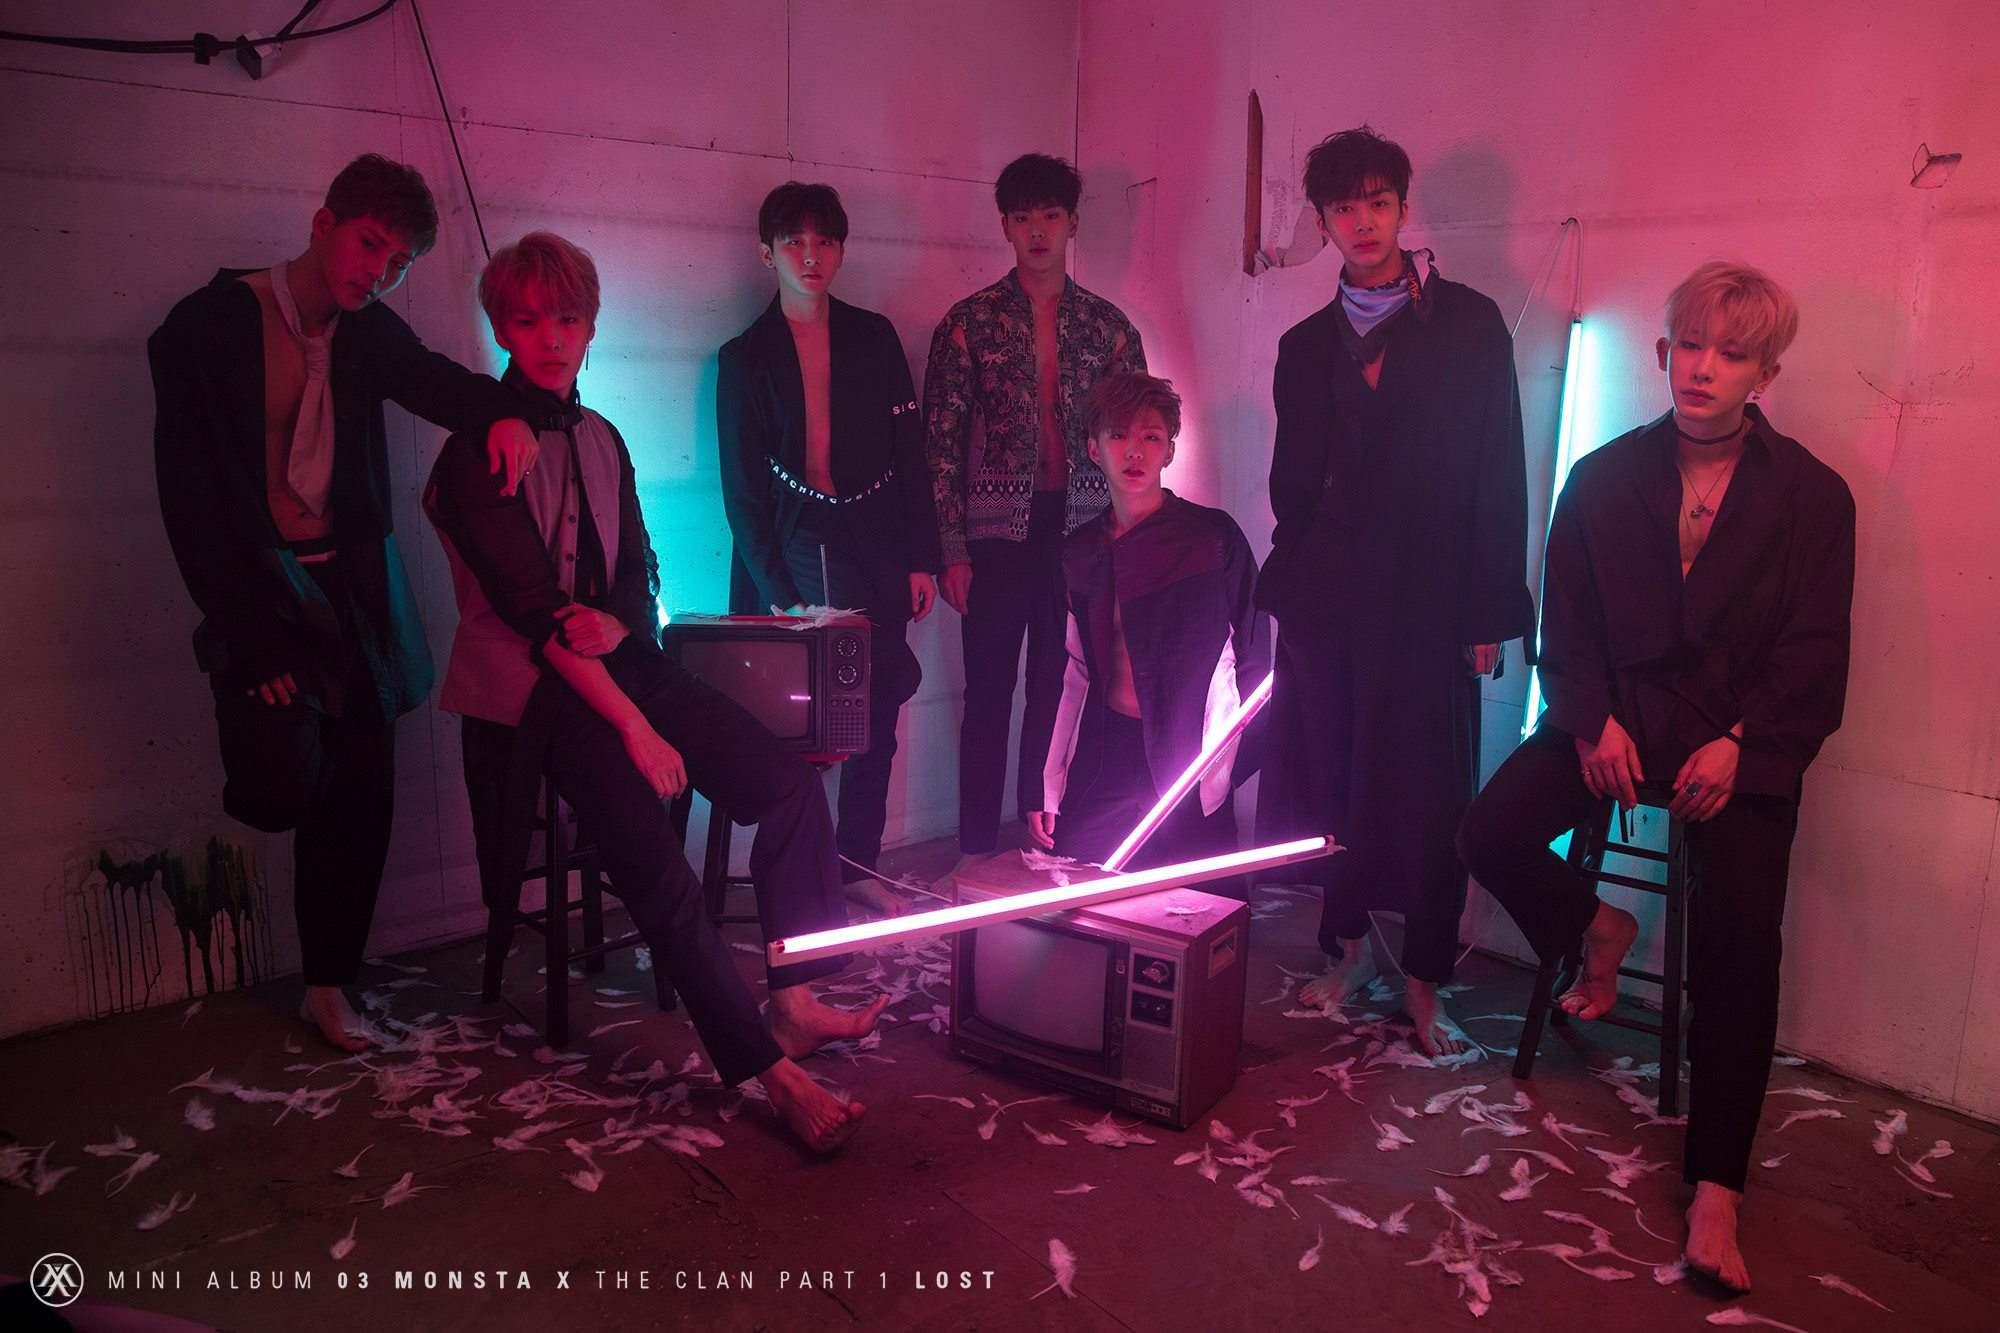 ★MONSTA X 出道日期:2015年5月14日 成員:Shownu、元虎、玟赫、基賢、亨源、周憲、I.M